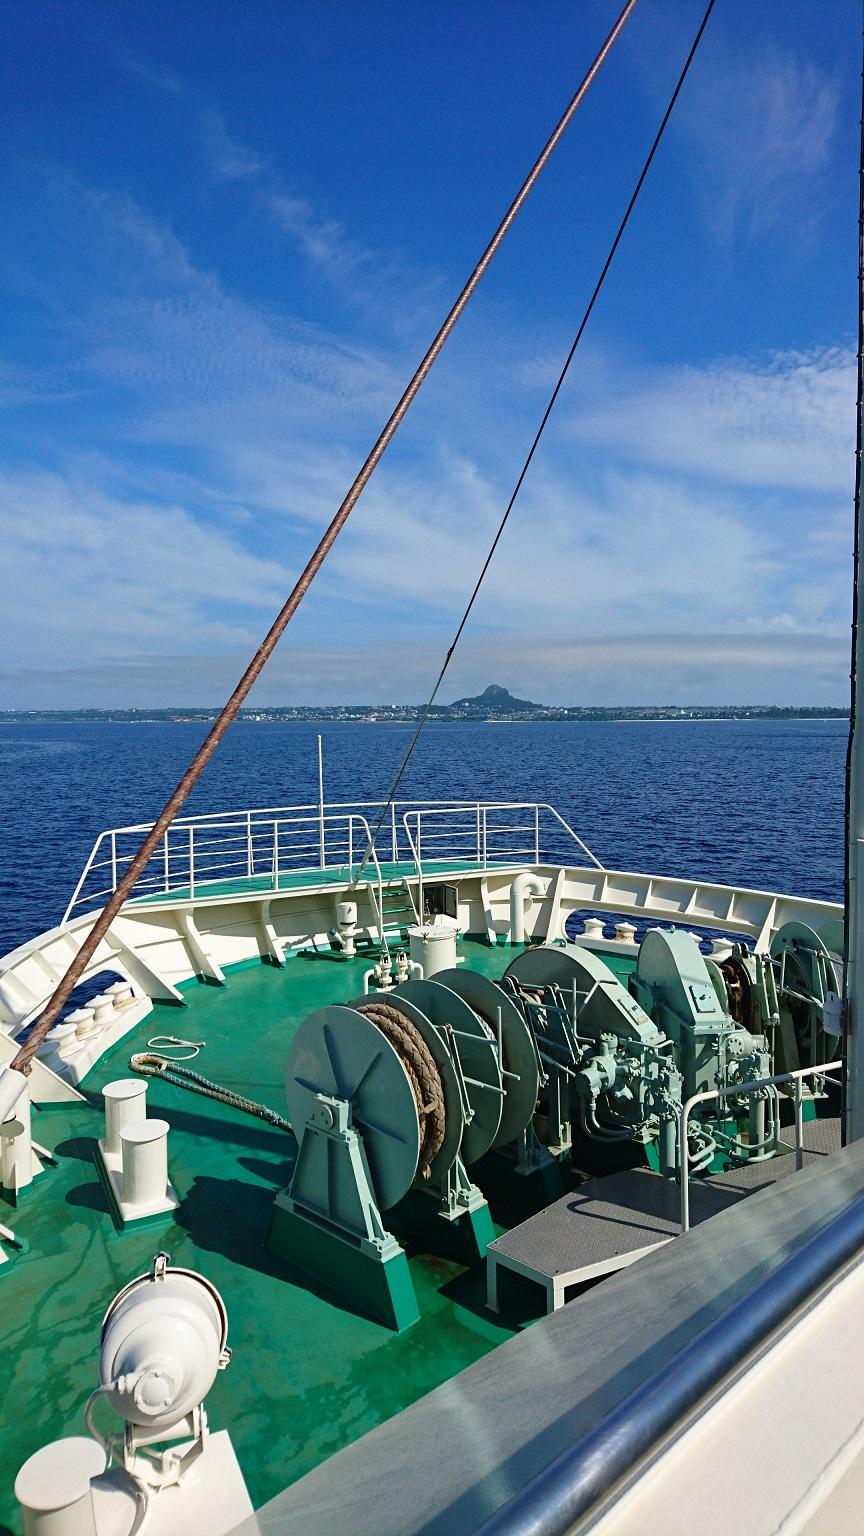 フェリーで行く人気急上昇中の離島、伊江島でボートシュノーケリング♪島内観光も楽しめます♪ボートから海に入ればたくさんの珊瑚や魚が出迎えてくれる島の海は最高!親切・丁寧にレクチャーいたしますのでご安心ください♪9時出港のフェリーで伊江島へ!伊江島でボートシュノーケリング♪